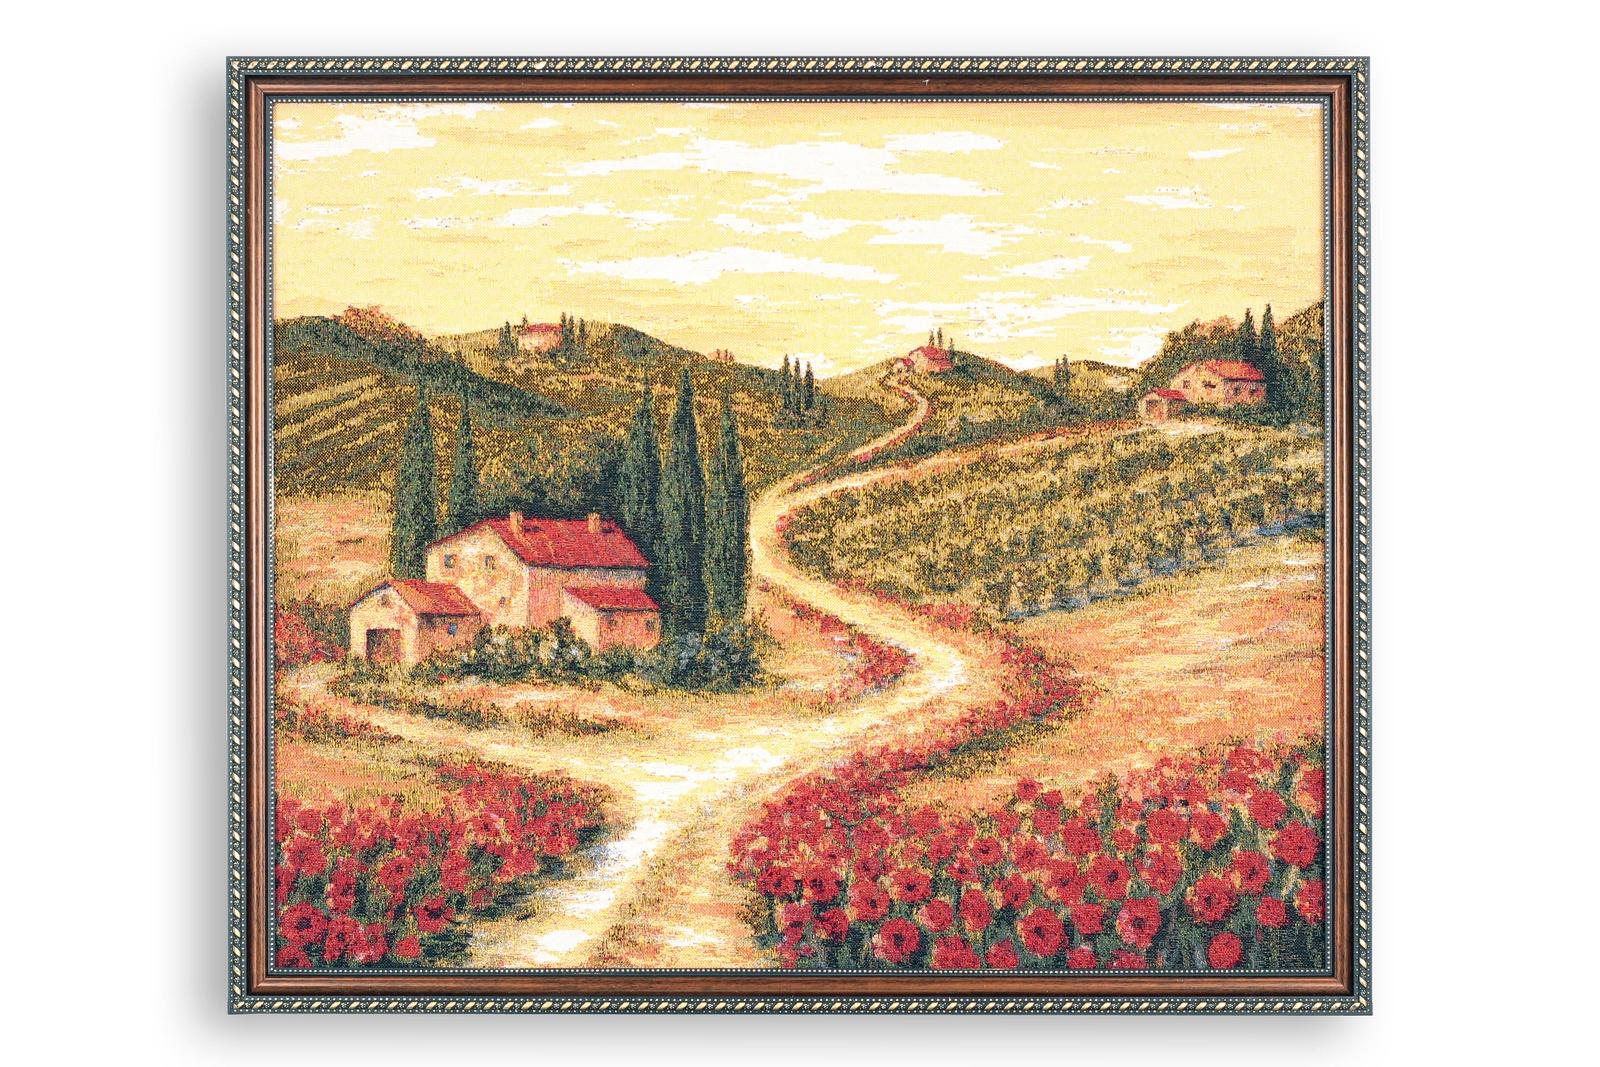 Картина Магазин гобеленов поле маков 57*68 см, Гобелен тетрадь для нот моне поле маков